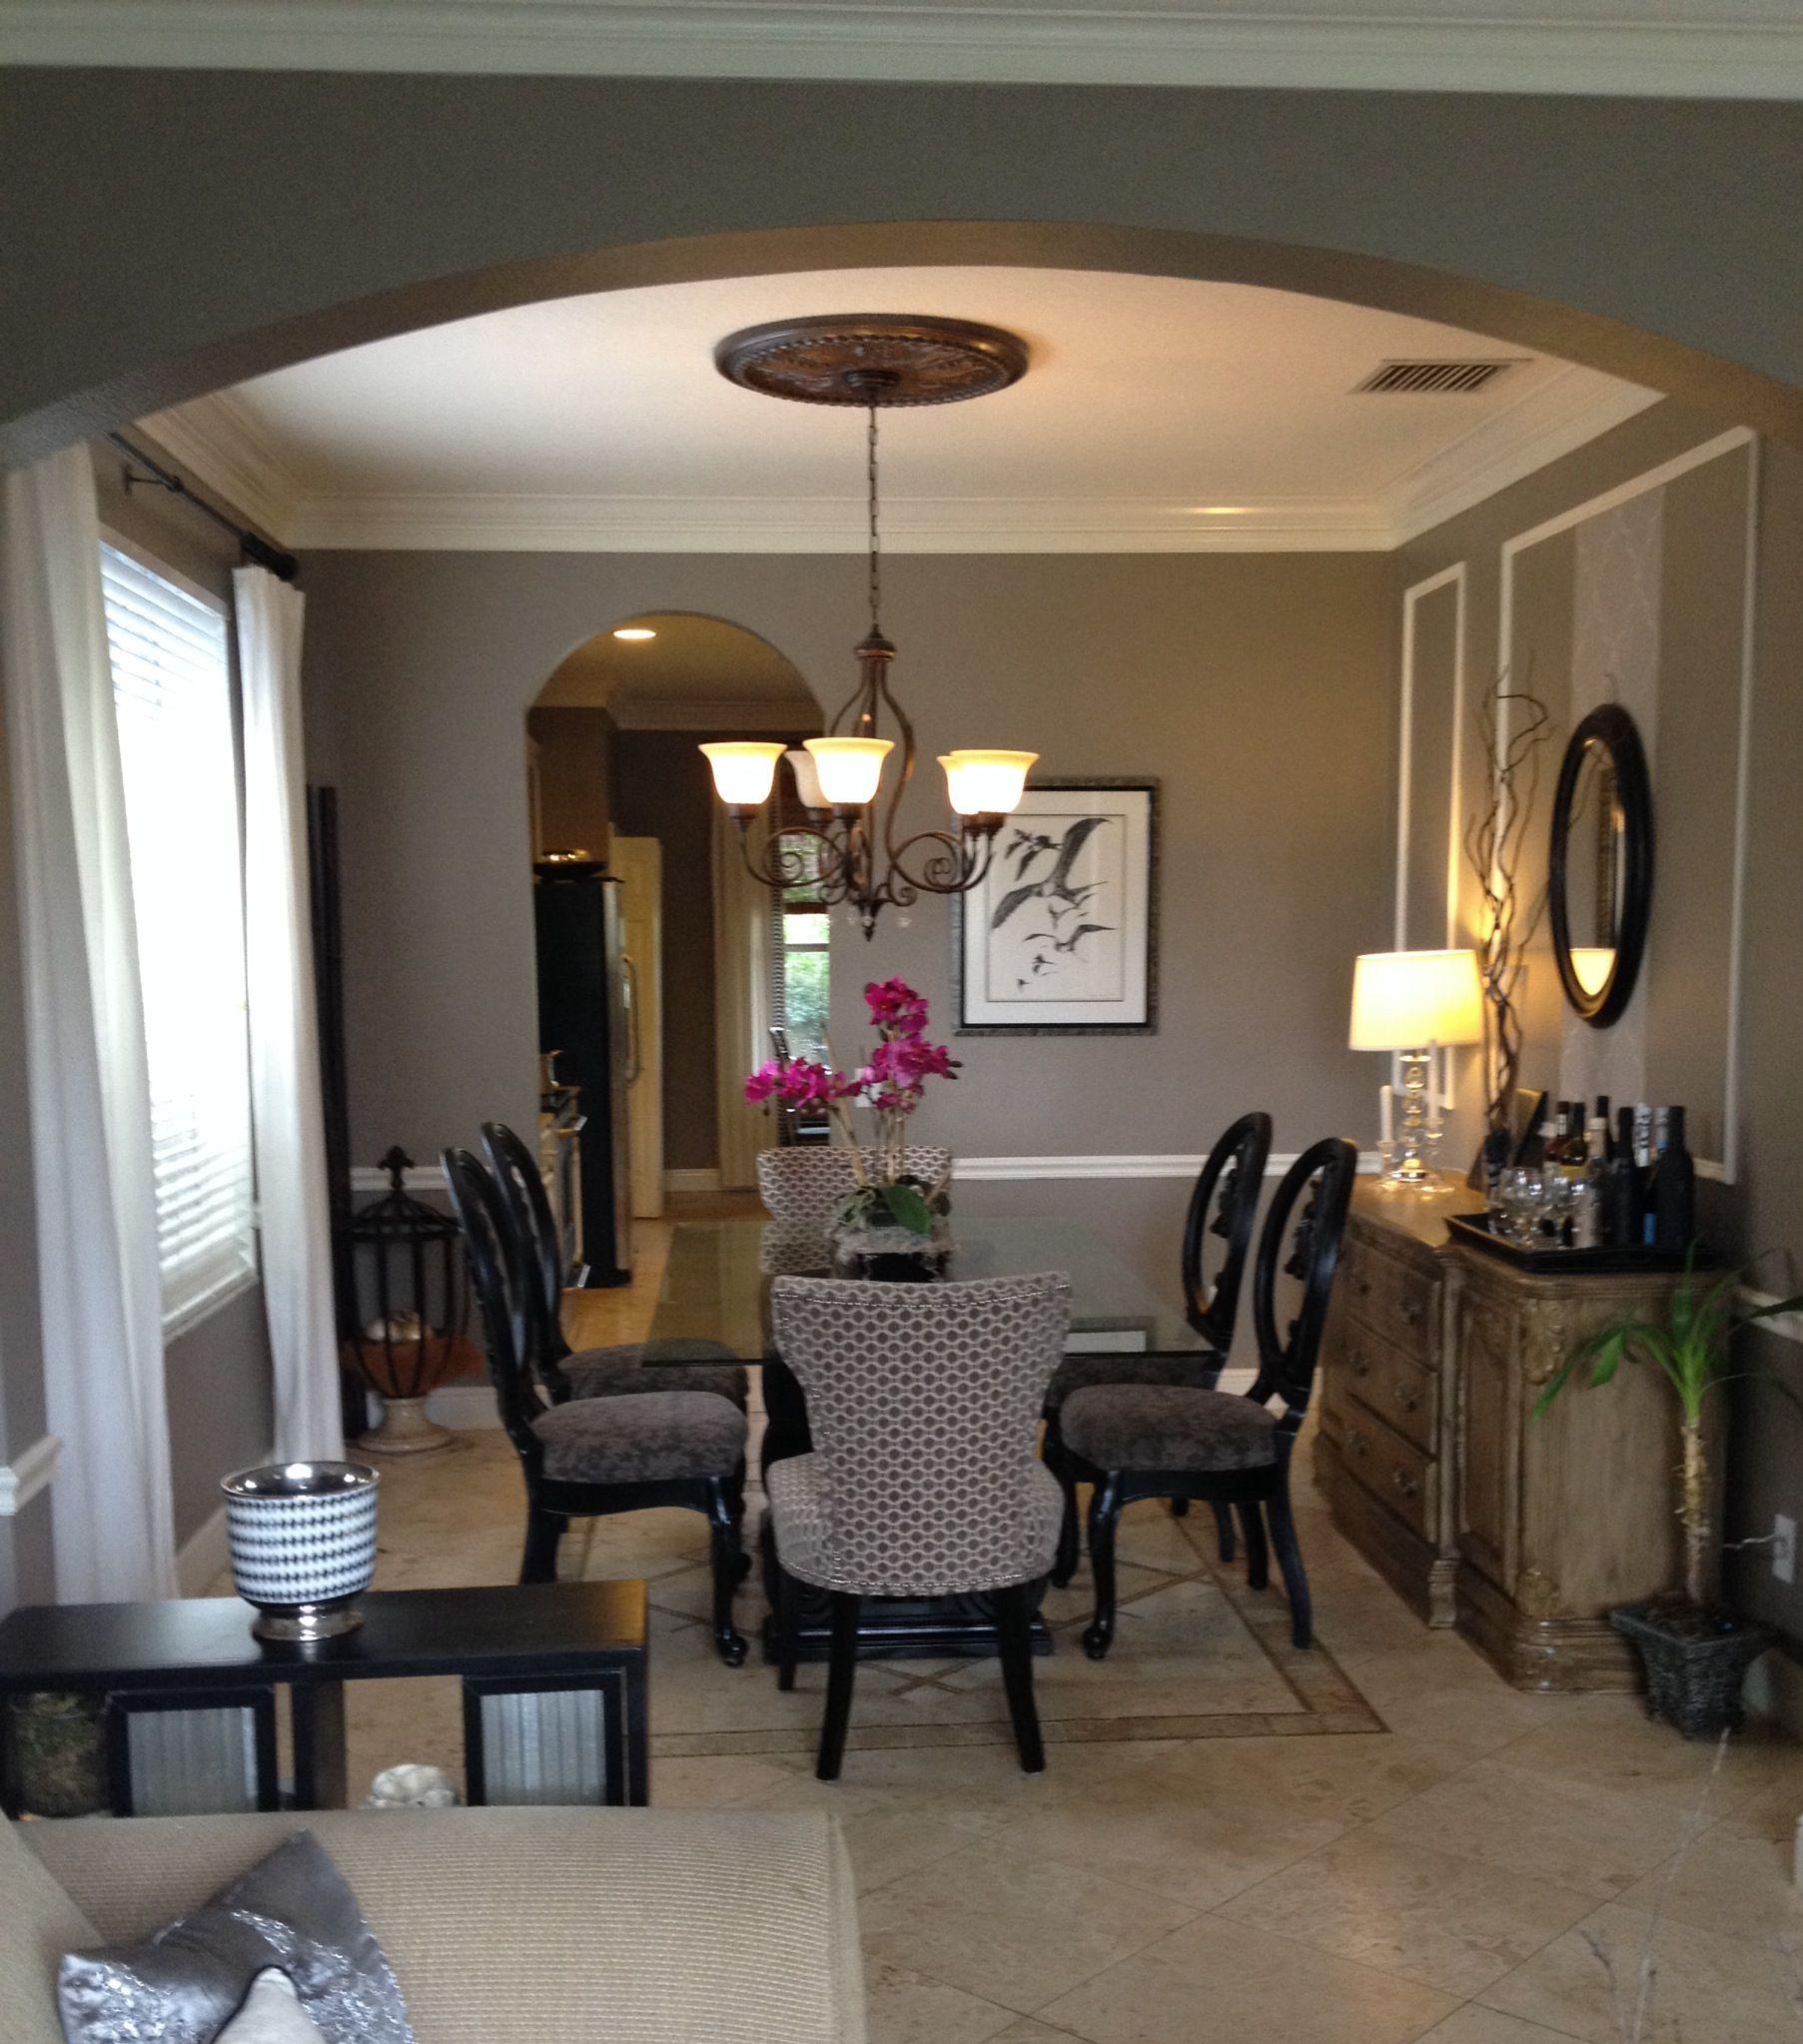 A pop of color | Interior design, Interior, Home decor